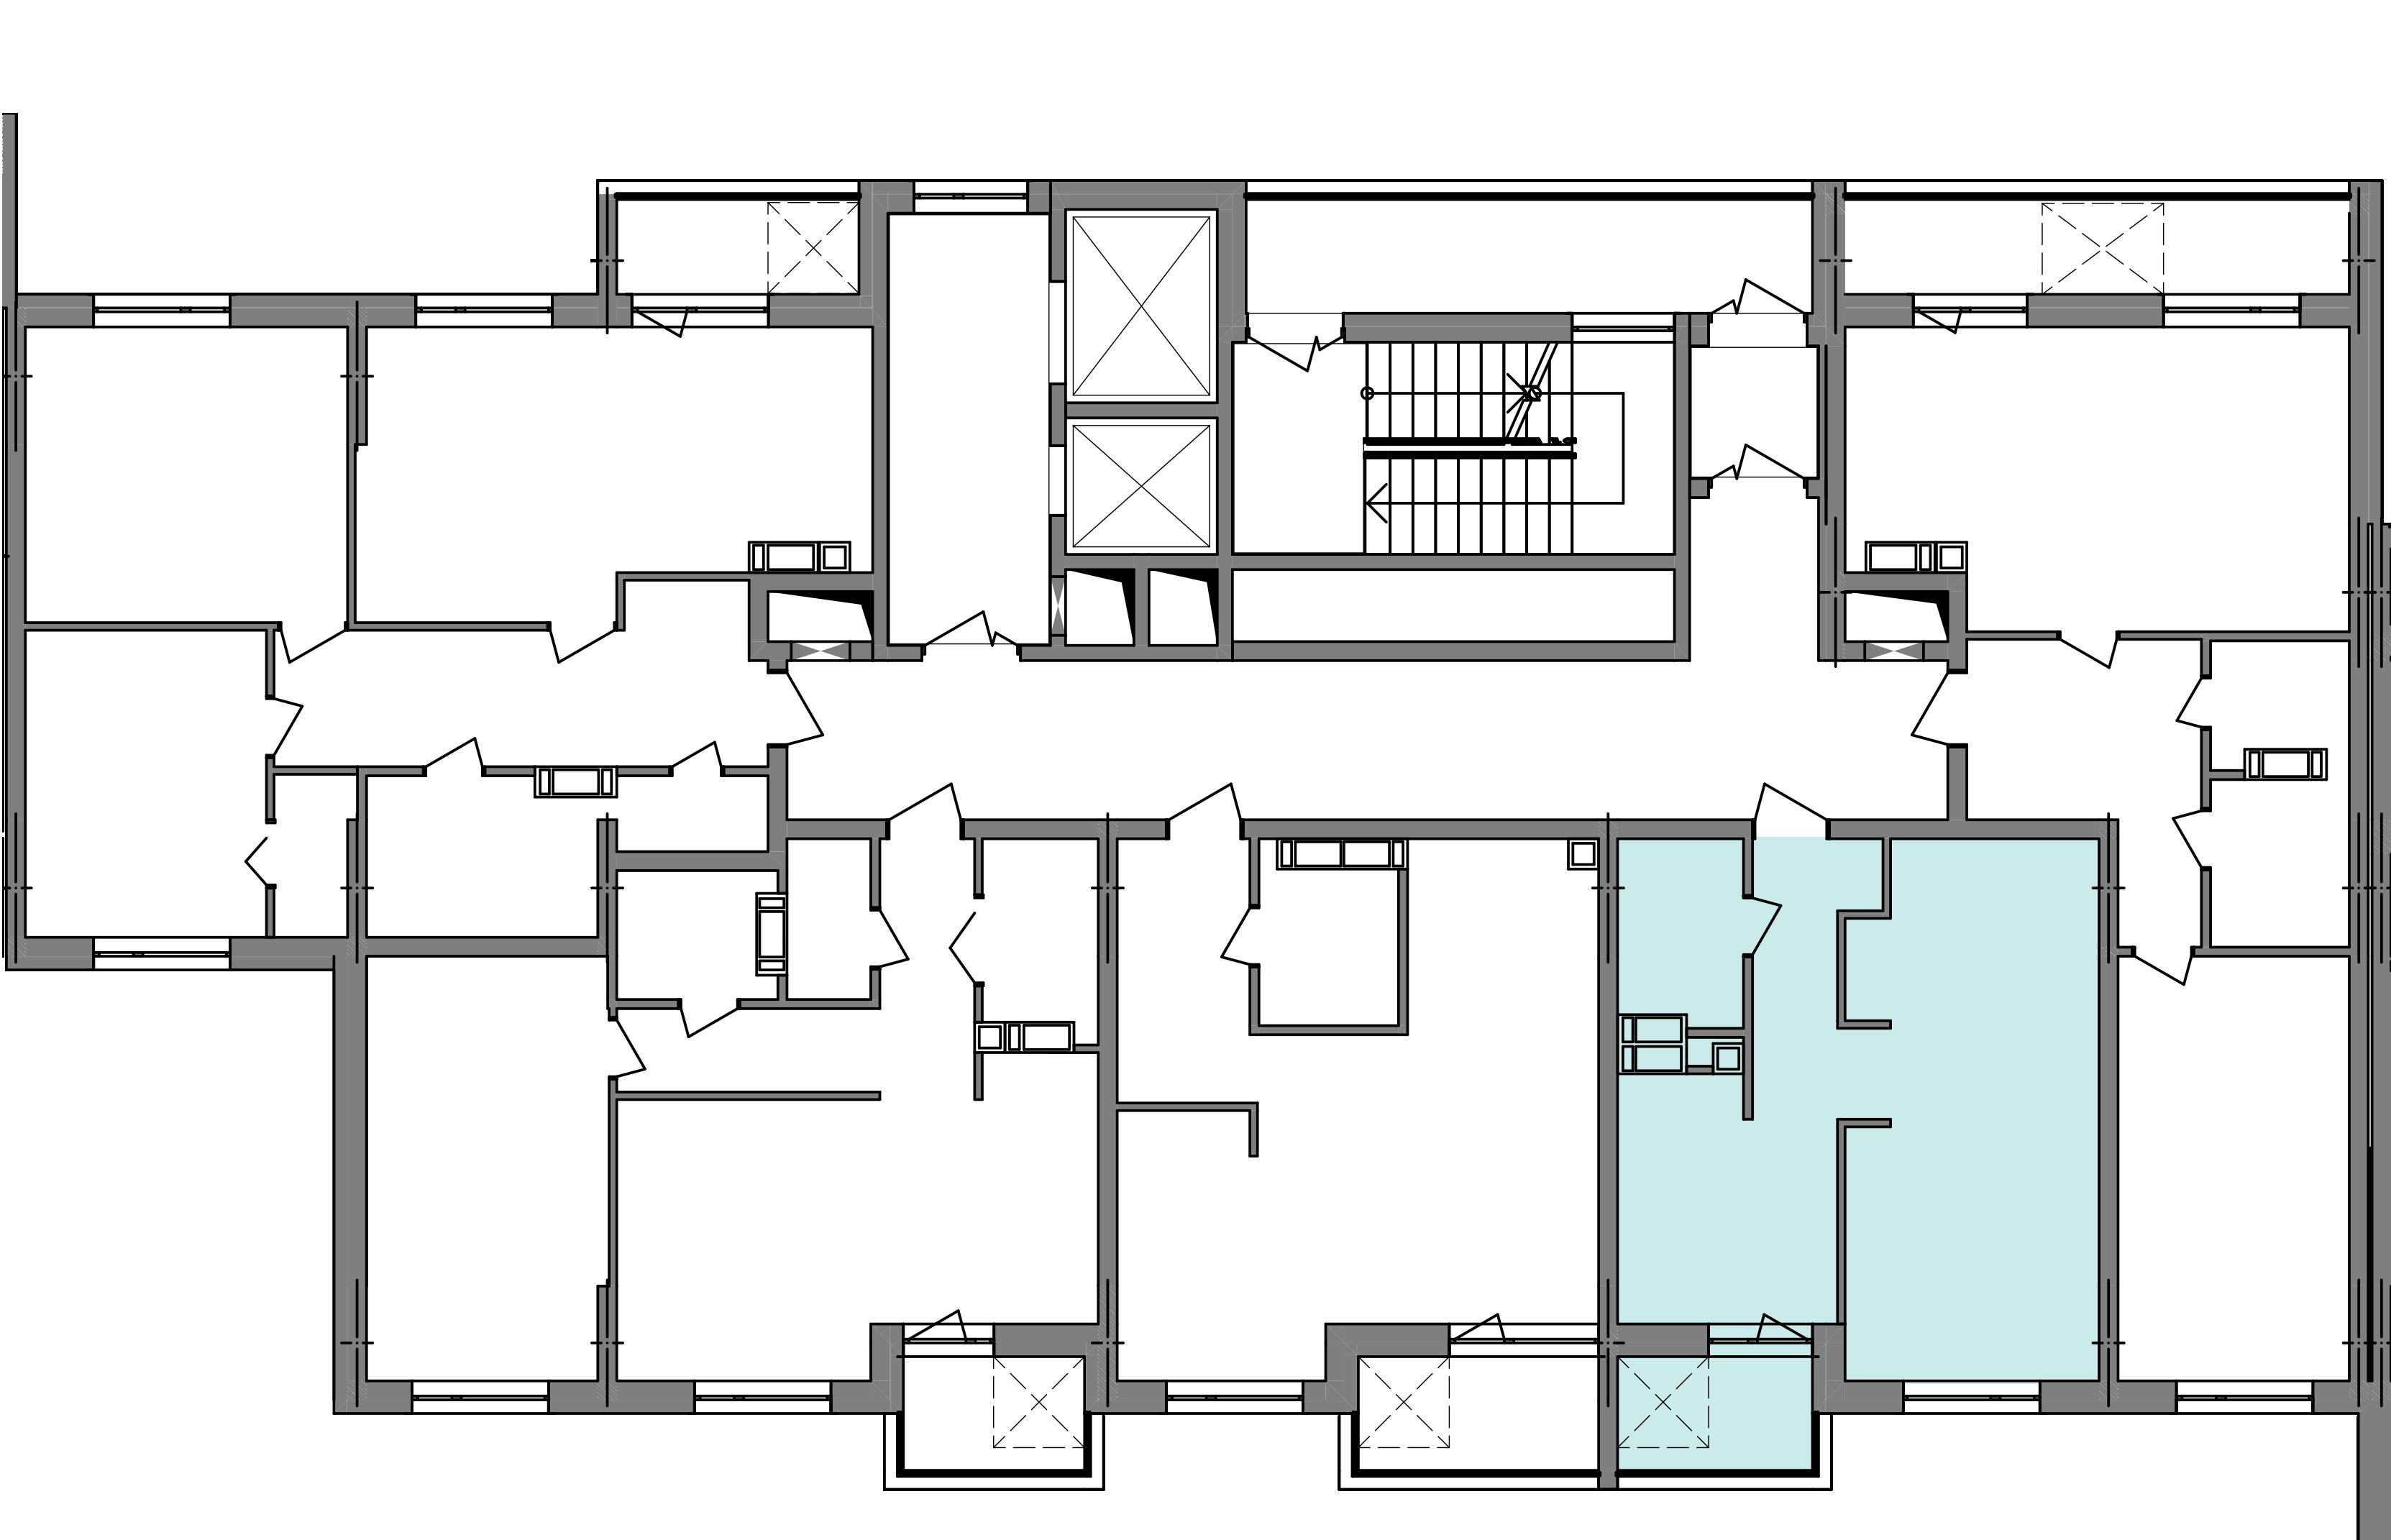 Однокомнатная квартира 40,50 кв.м., тип 1.4, дом 3 секция 4 расположение на этаже